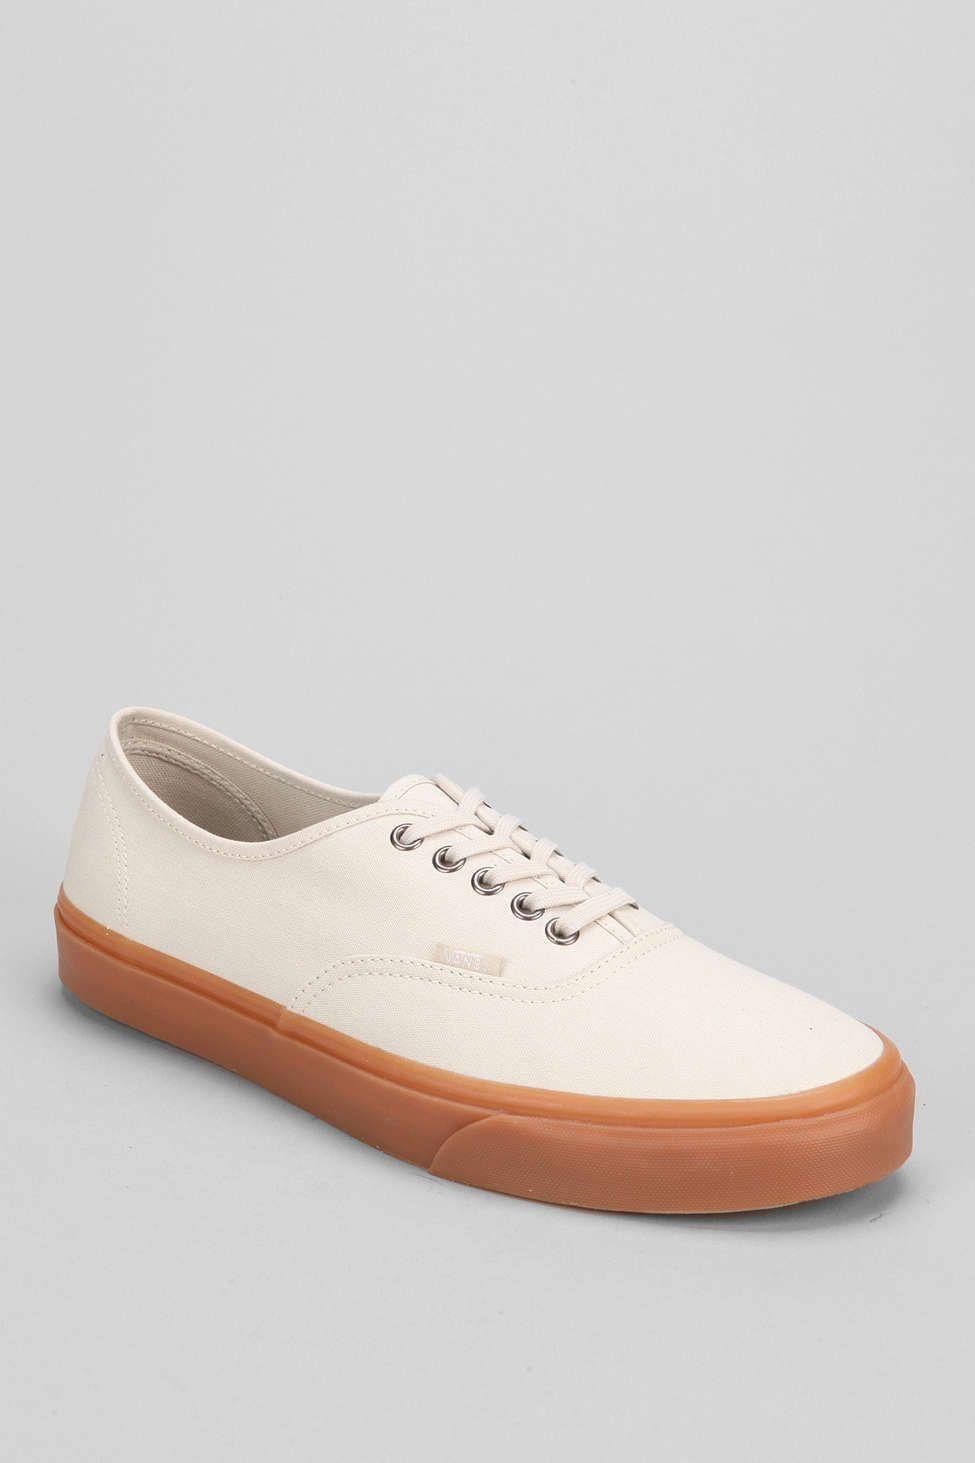 Vans Authentic Gum Sole Sneaker | Vans